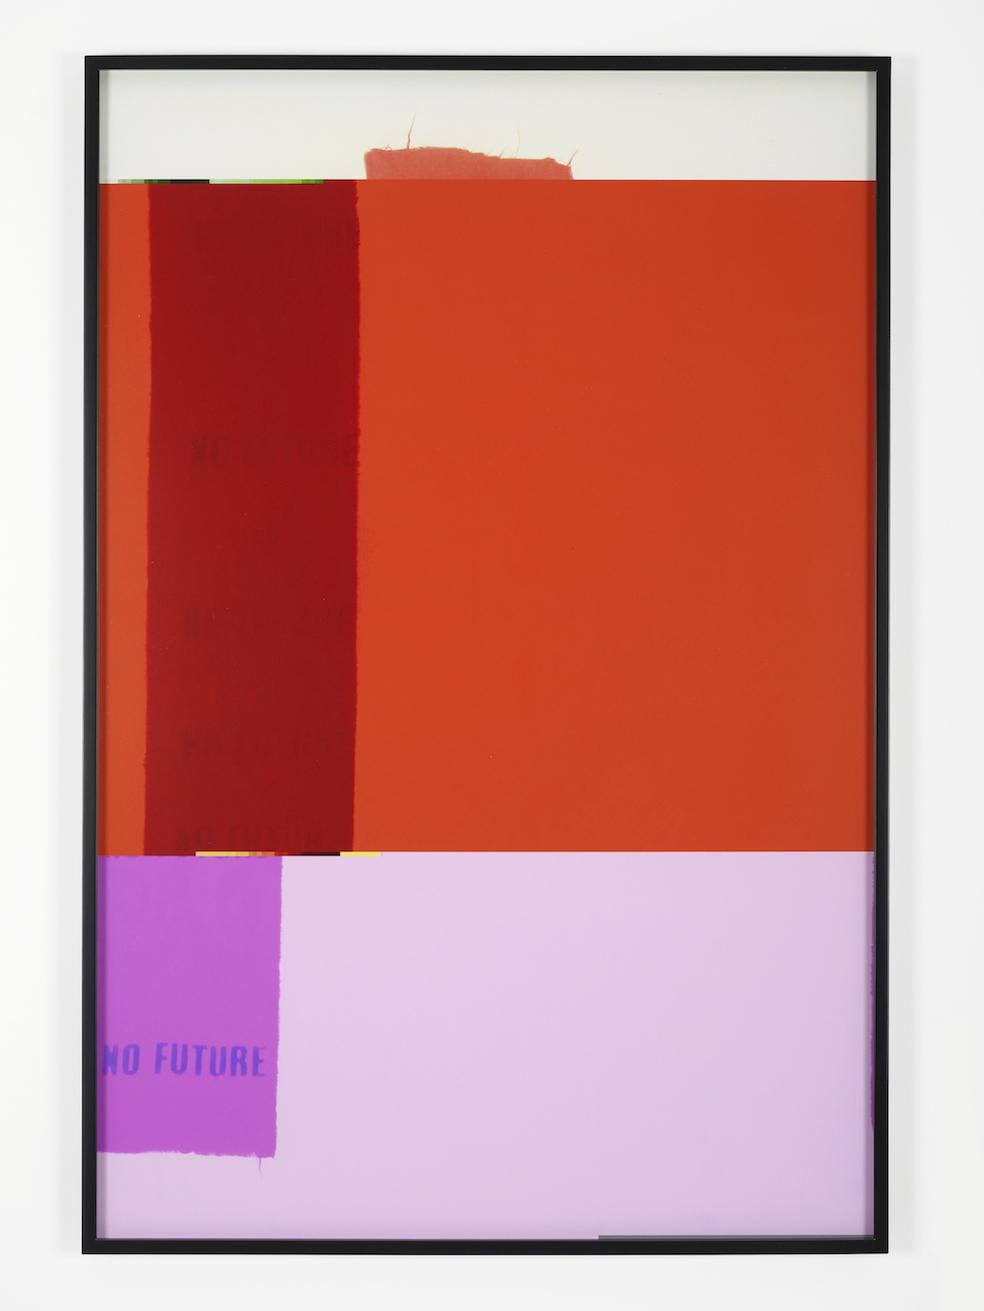 RY #4 2014 Archival Pigment Print 106.6 x 71.1 cm / 42 x 28 in Unique